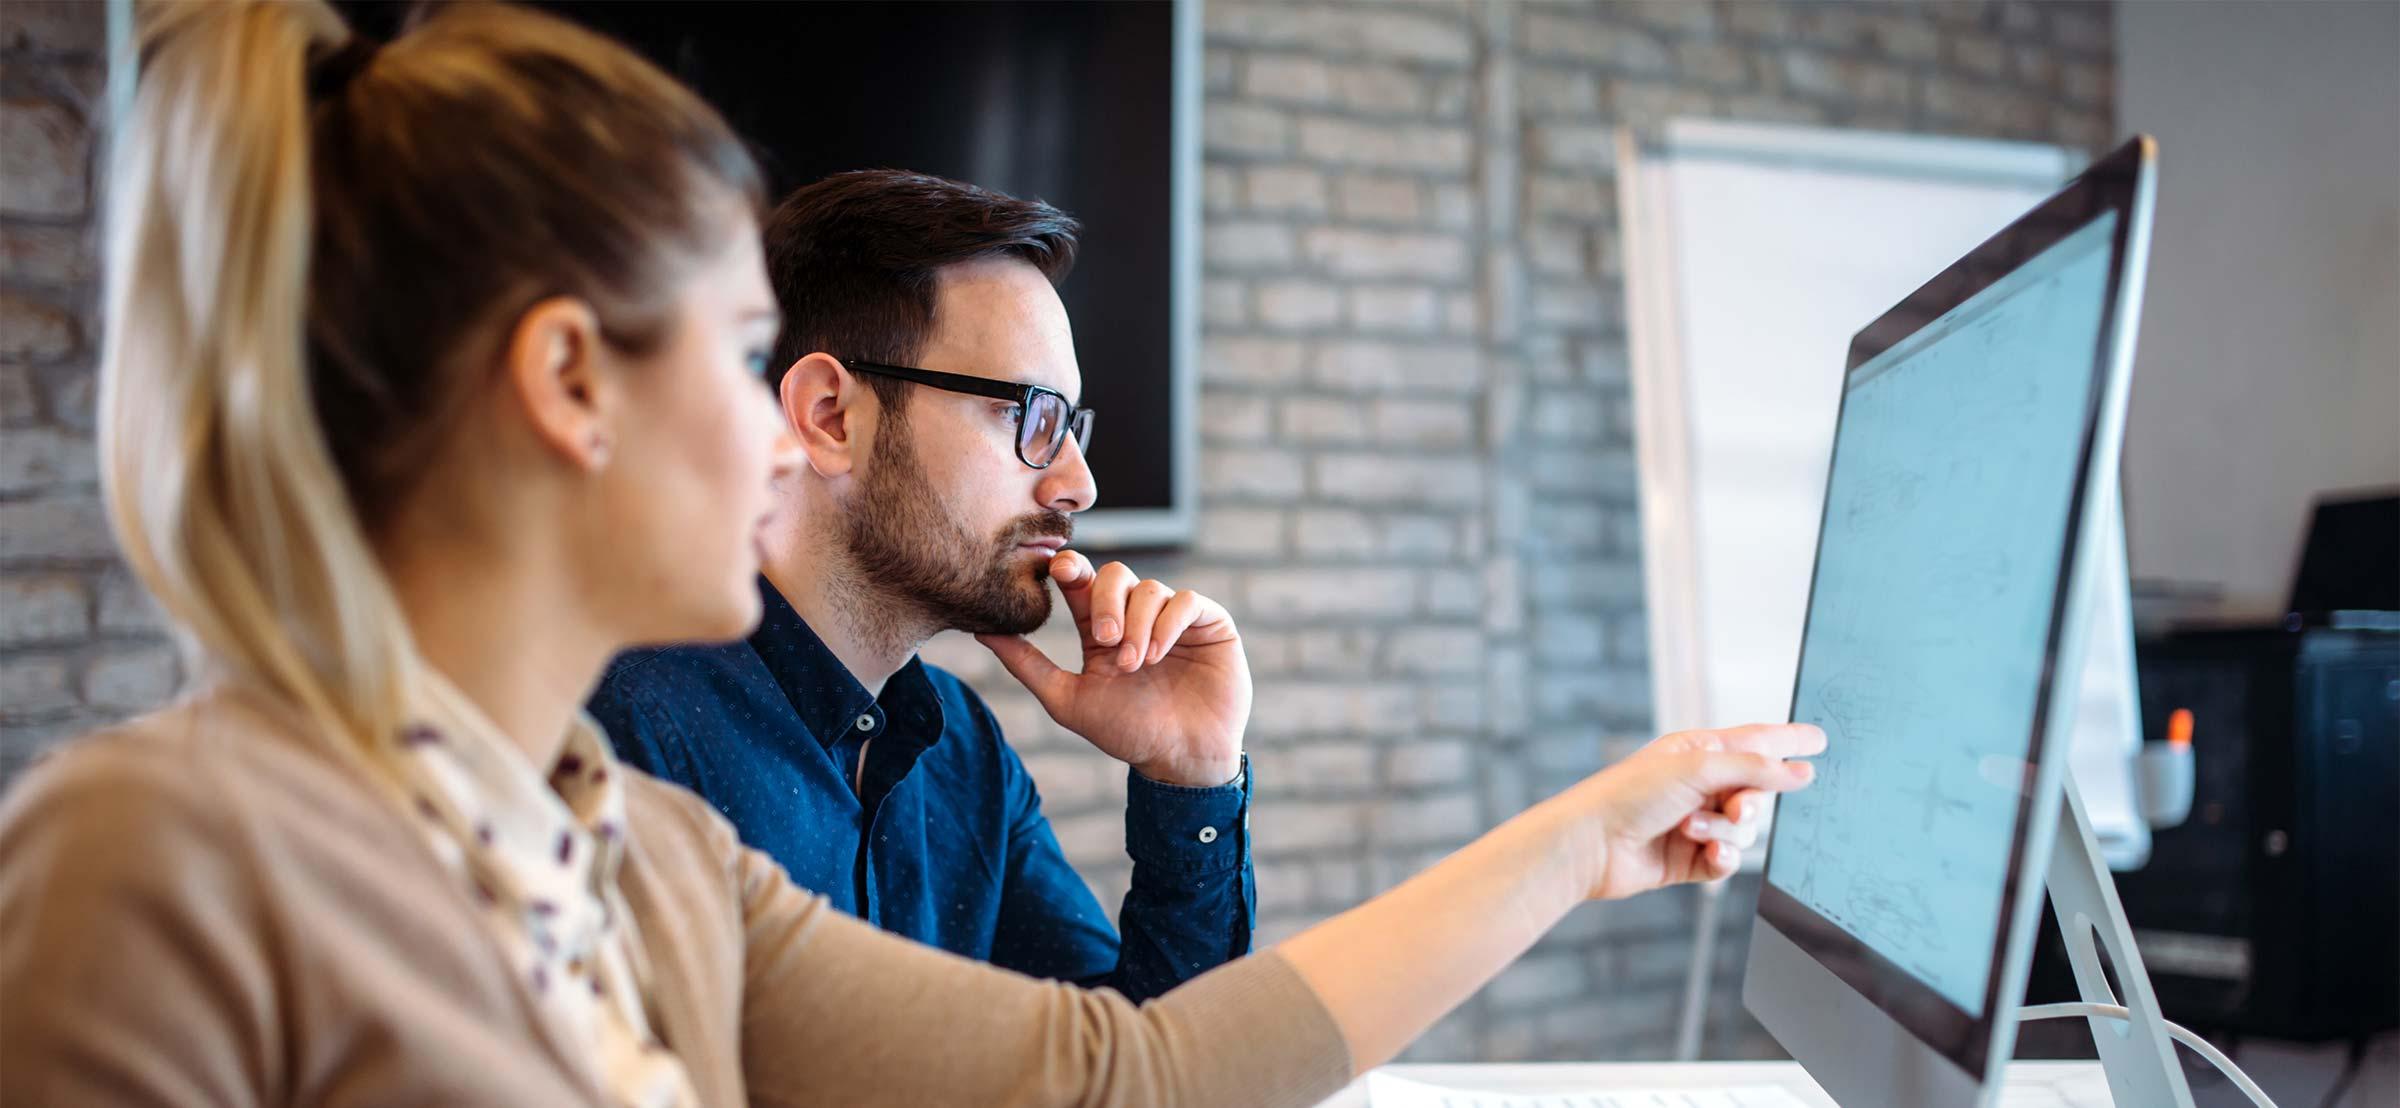 Managementsysteme und Datenschutz